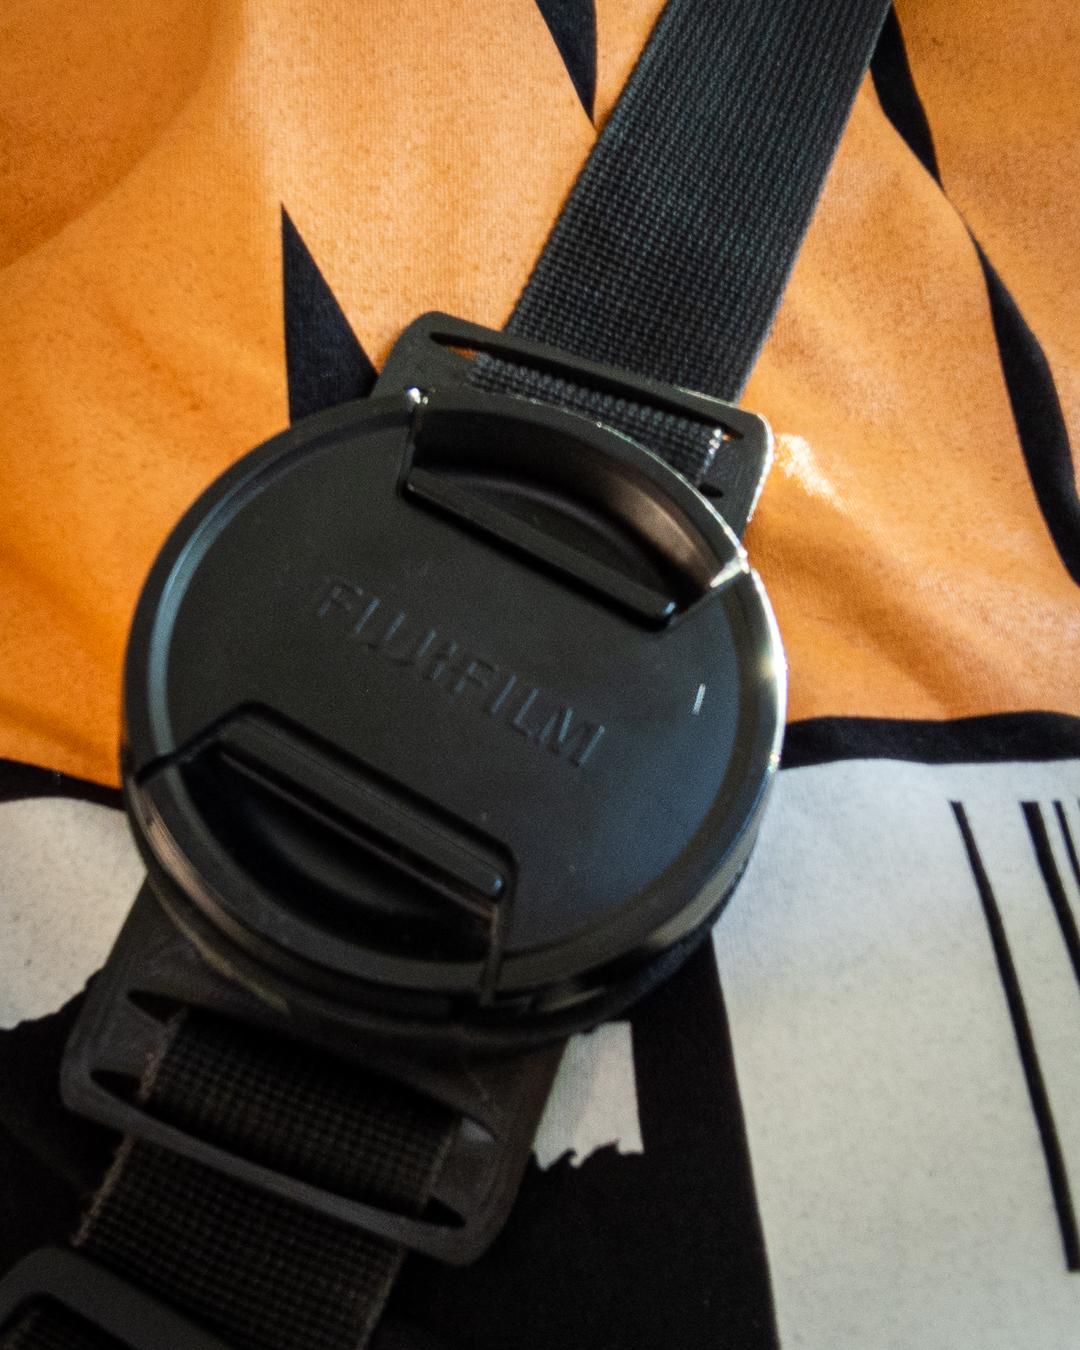 3D-Druck-Objektivhalter im Einsatz am Gurt der Kameratasche